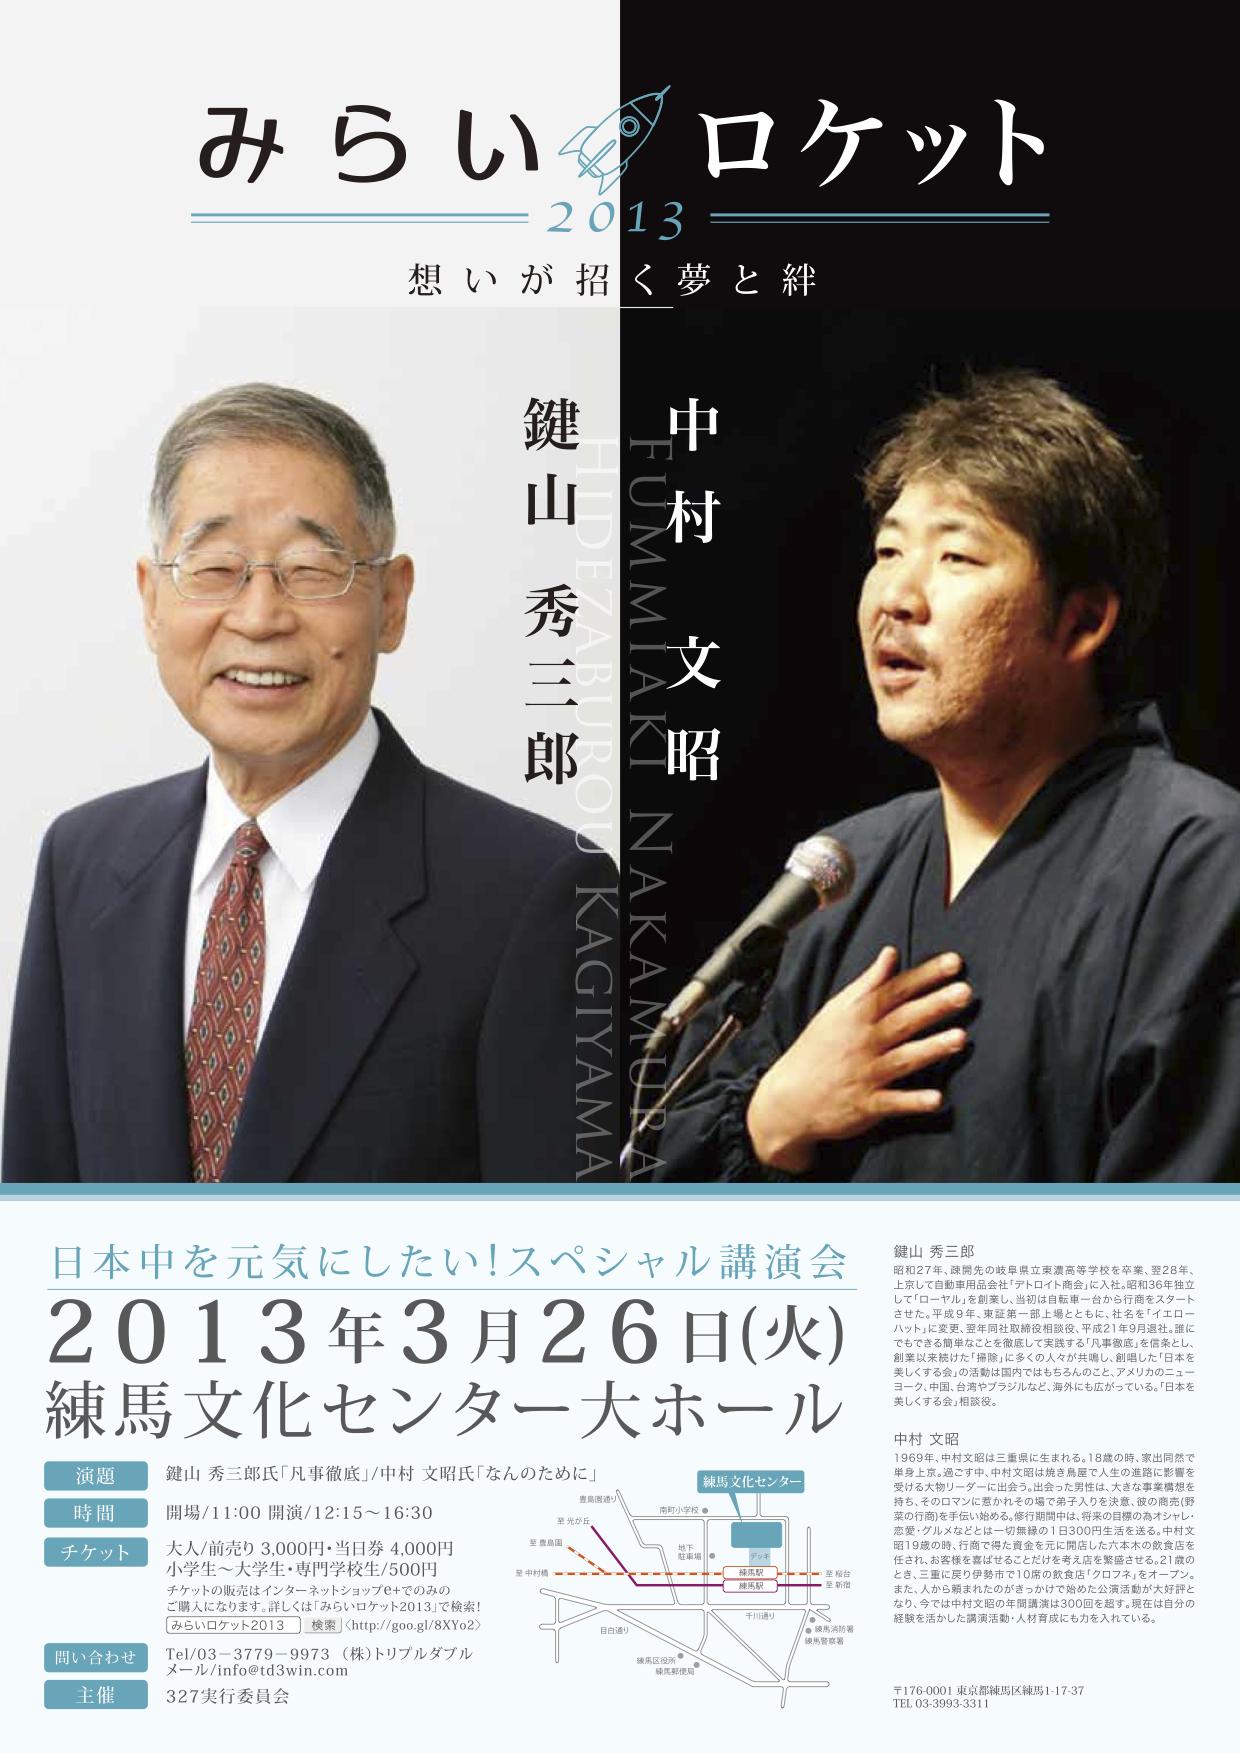 鍵山秀三郎さん、中村文昭さん 講演会 みらいロケット2013